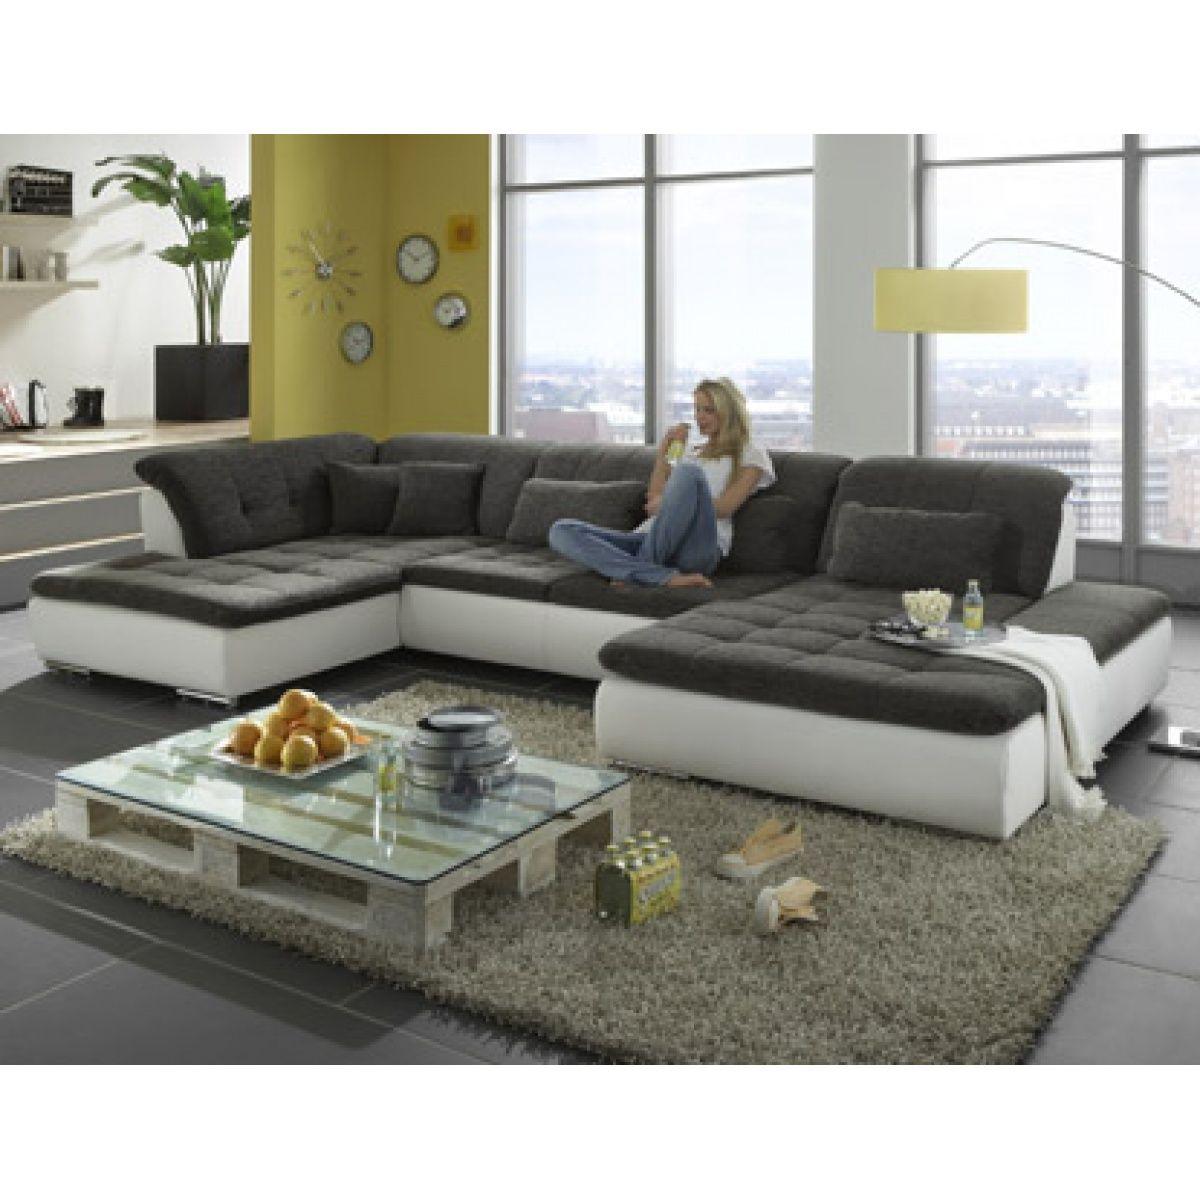 wohnlandschaft sofa linos i | couches | pinterest | wohnlandschaft